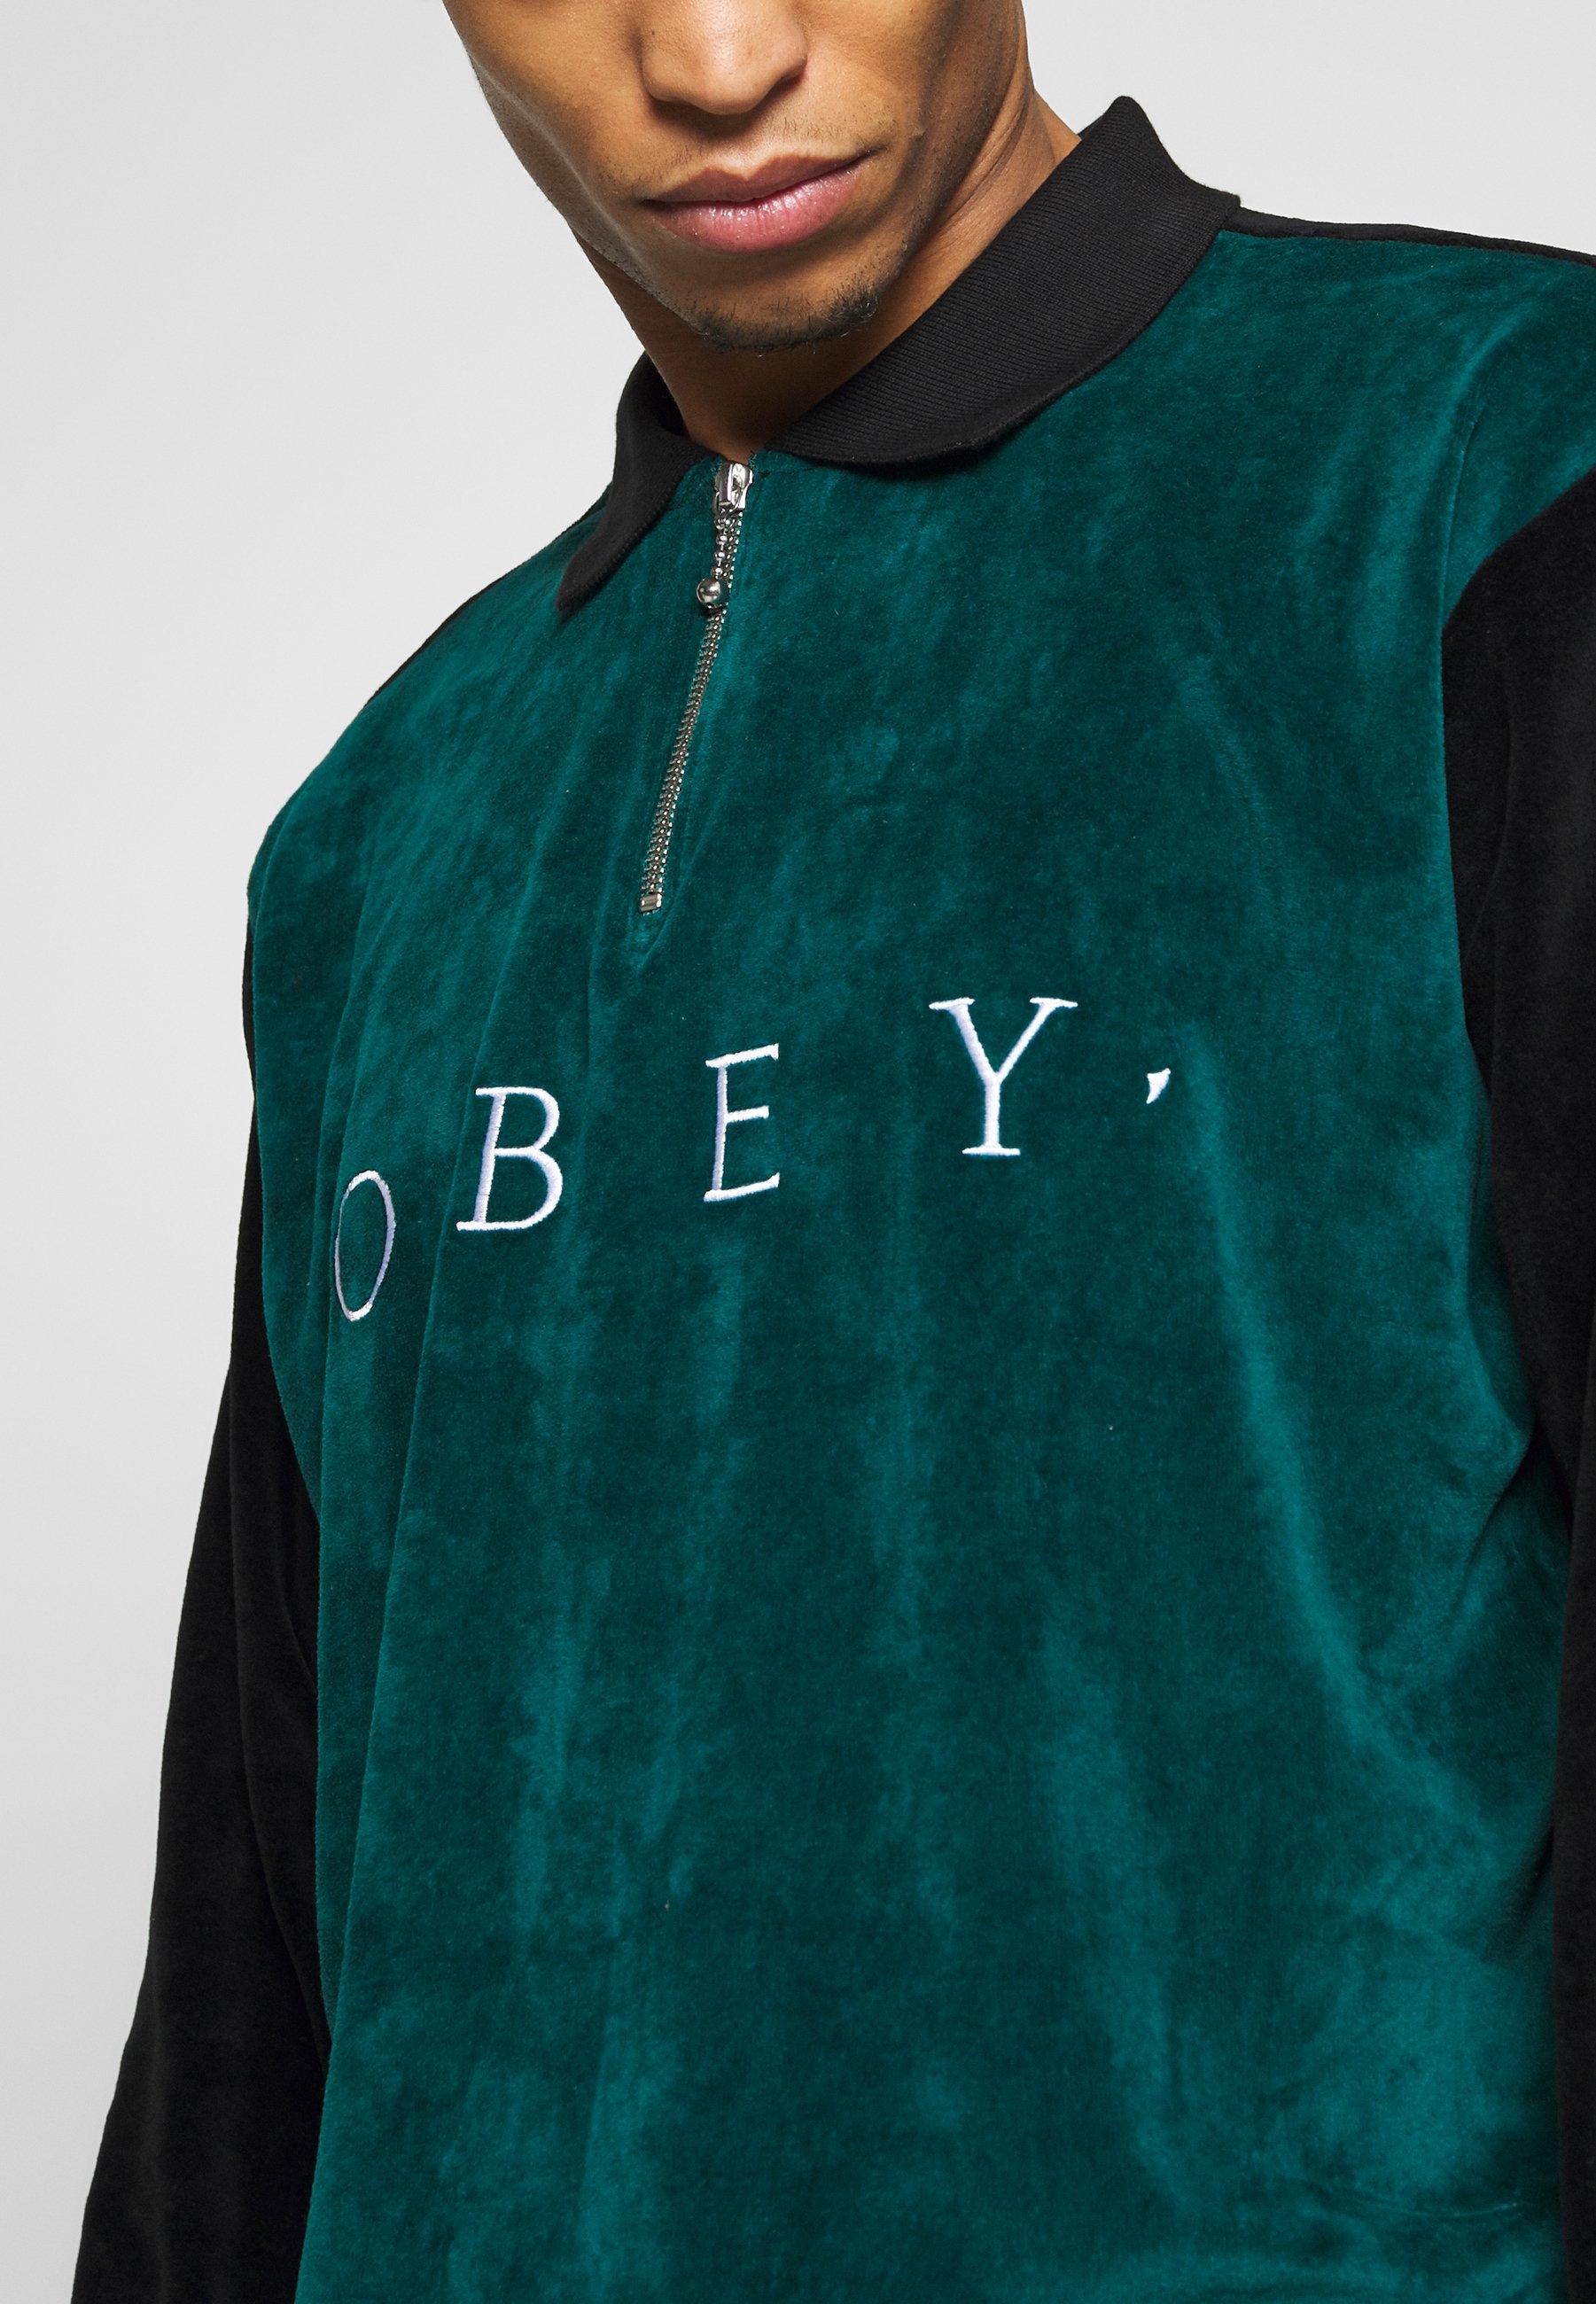 Zakup Gorąca wyprzedaż Obey Clothing AVENUE ZIP - Koszulka polo - black multi | Odzież męska 2020 KWpcr